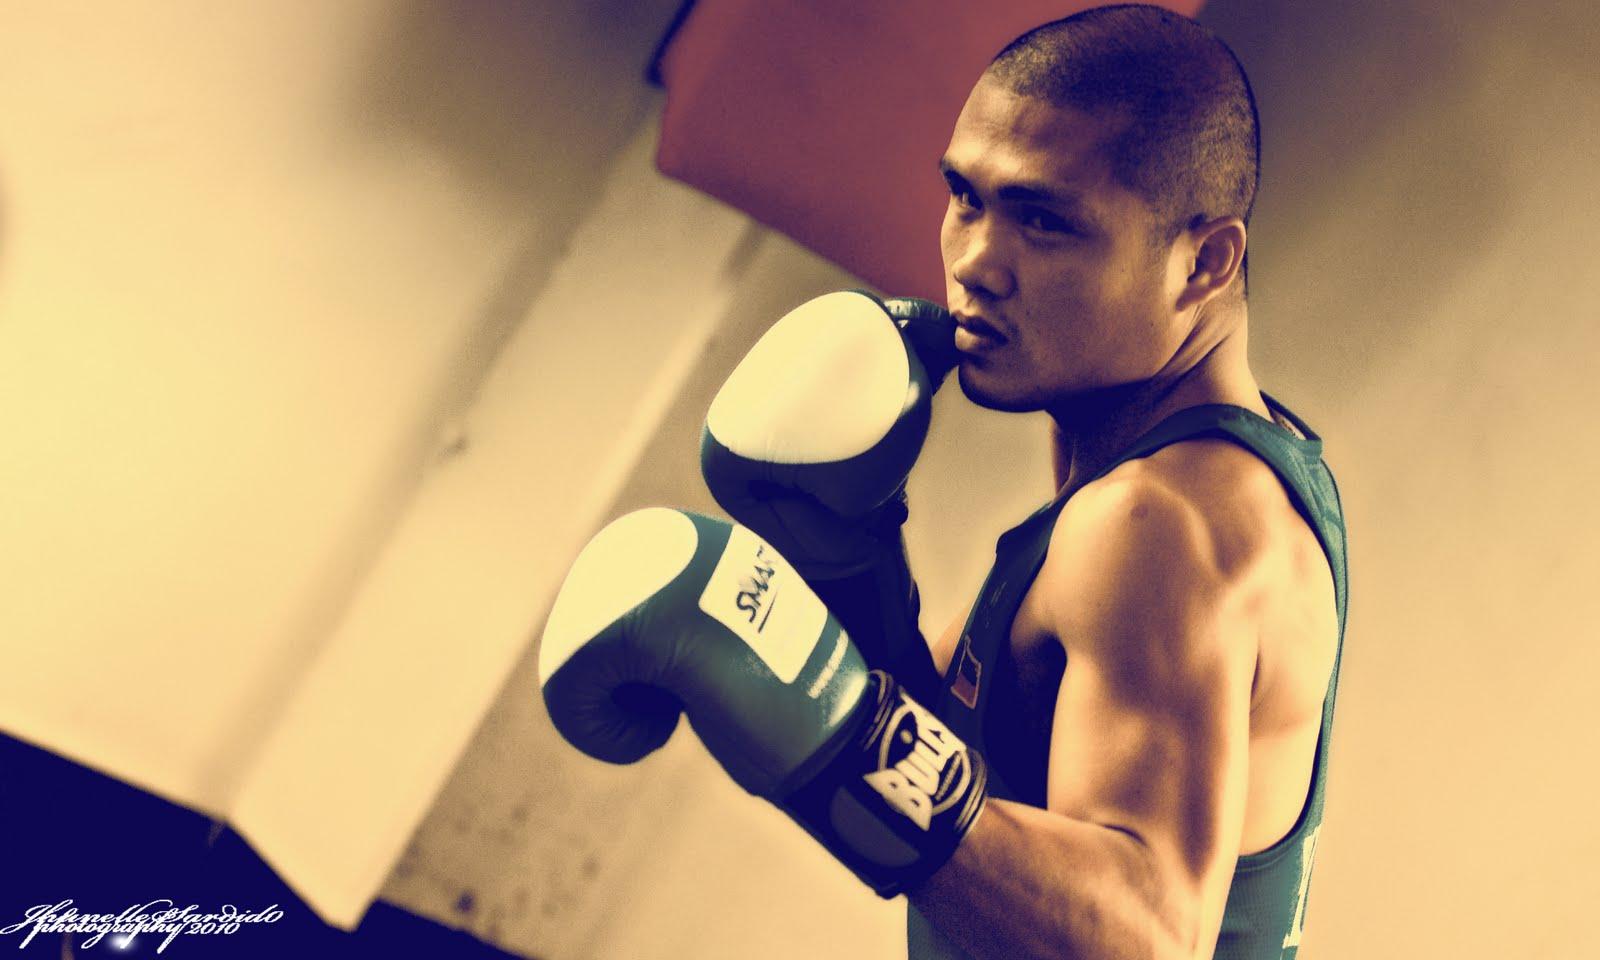 Amateur Boxing Association of